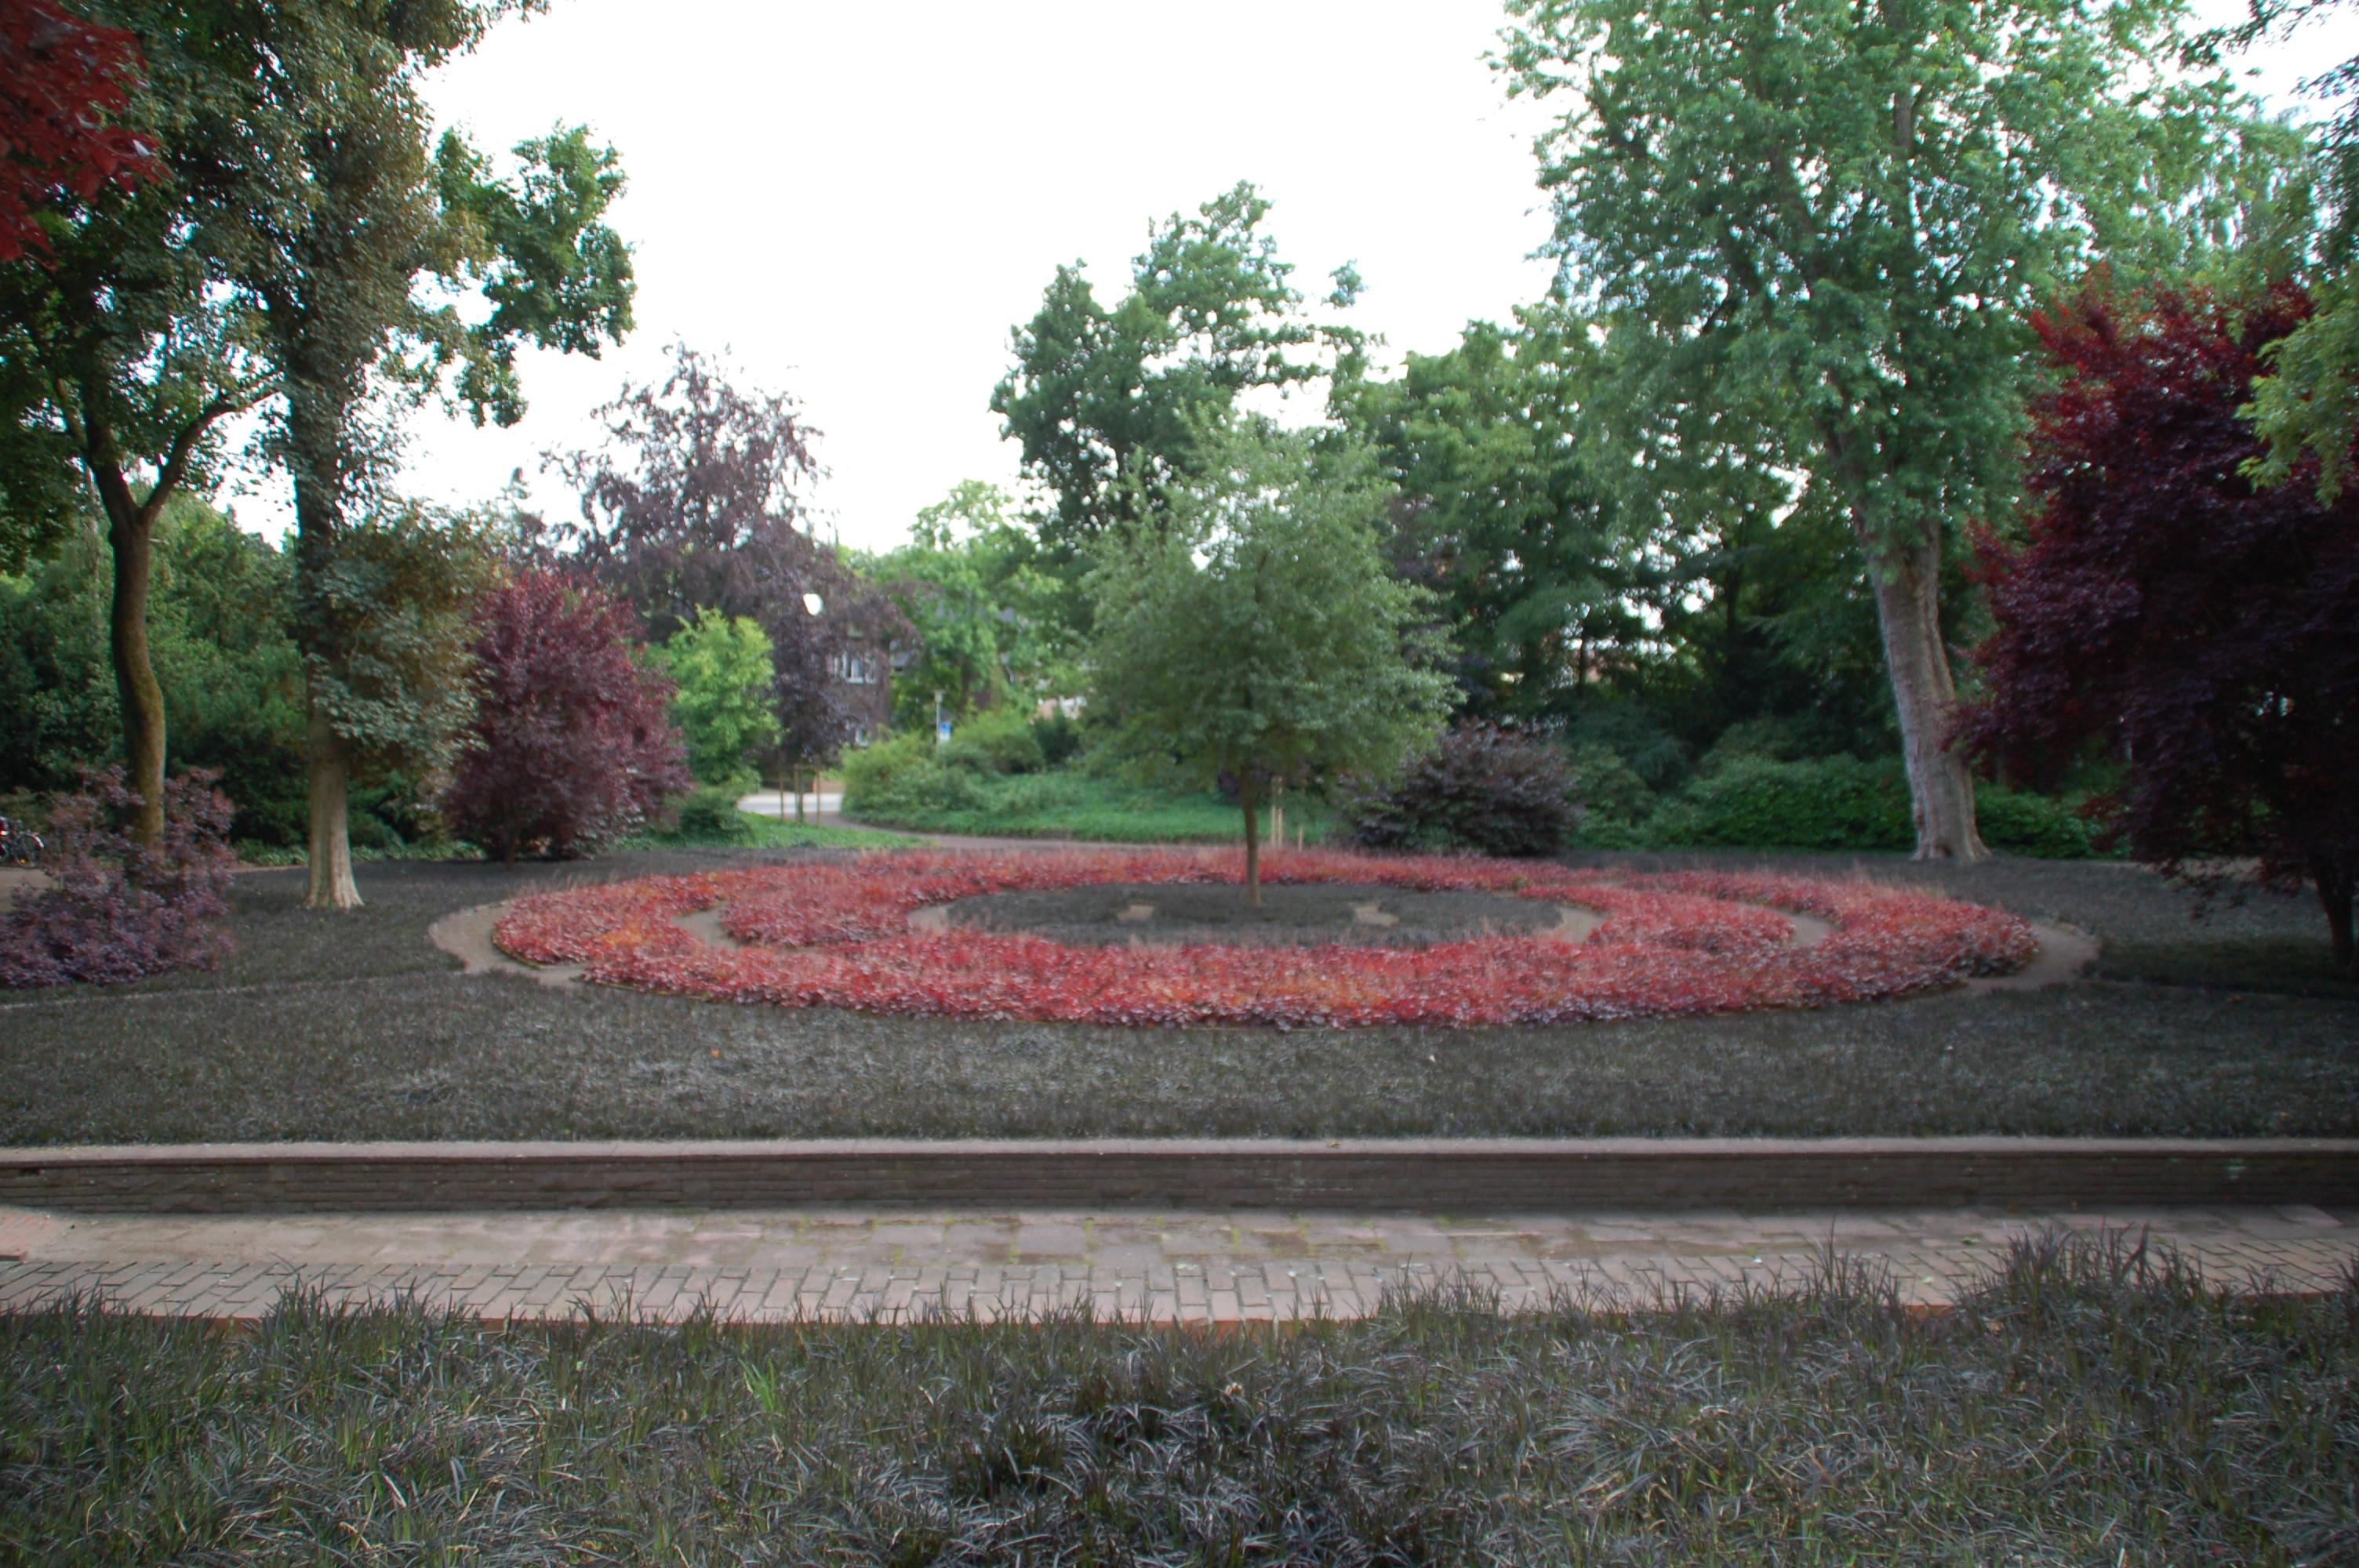 Dateischwarzer Garten 9jpg Wikipedia